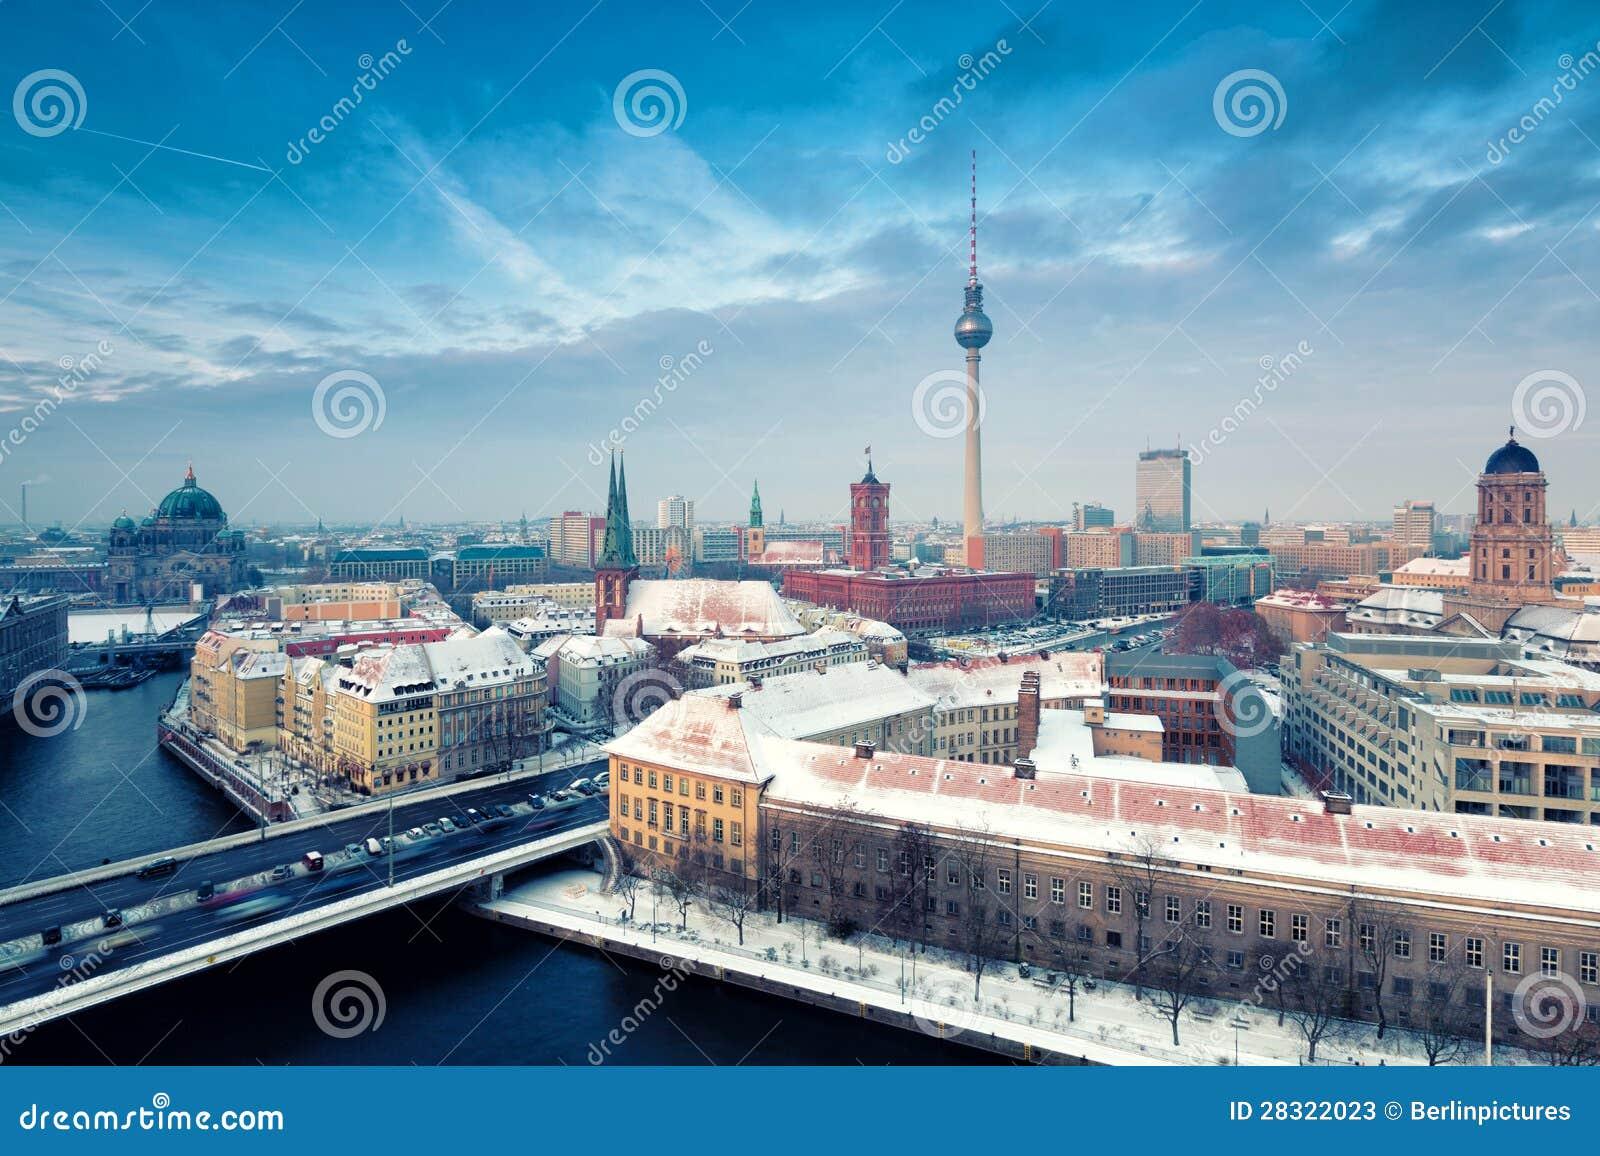 Πανόραμα χειμερινών πόλεων οριζόντων του Βερολίνου με το χιόνι και το μπλε ουρανό